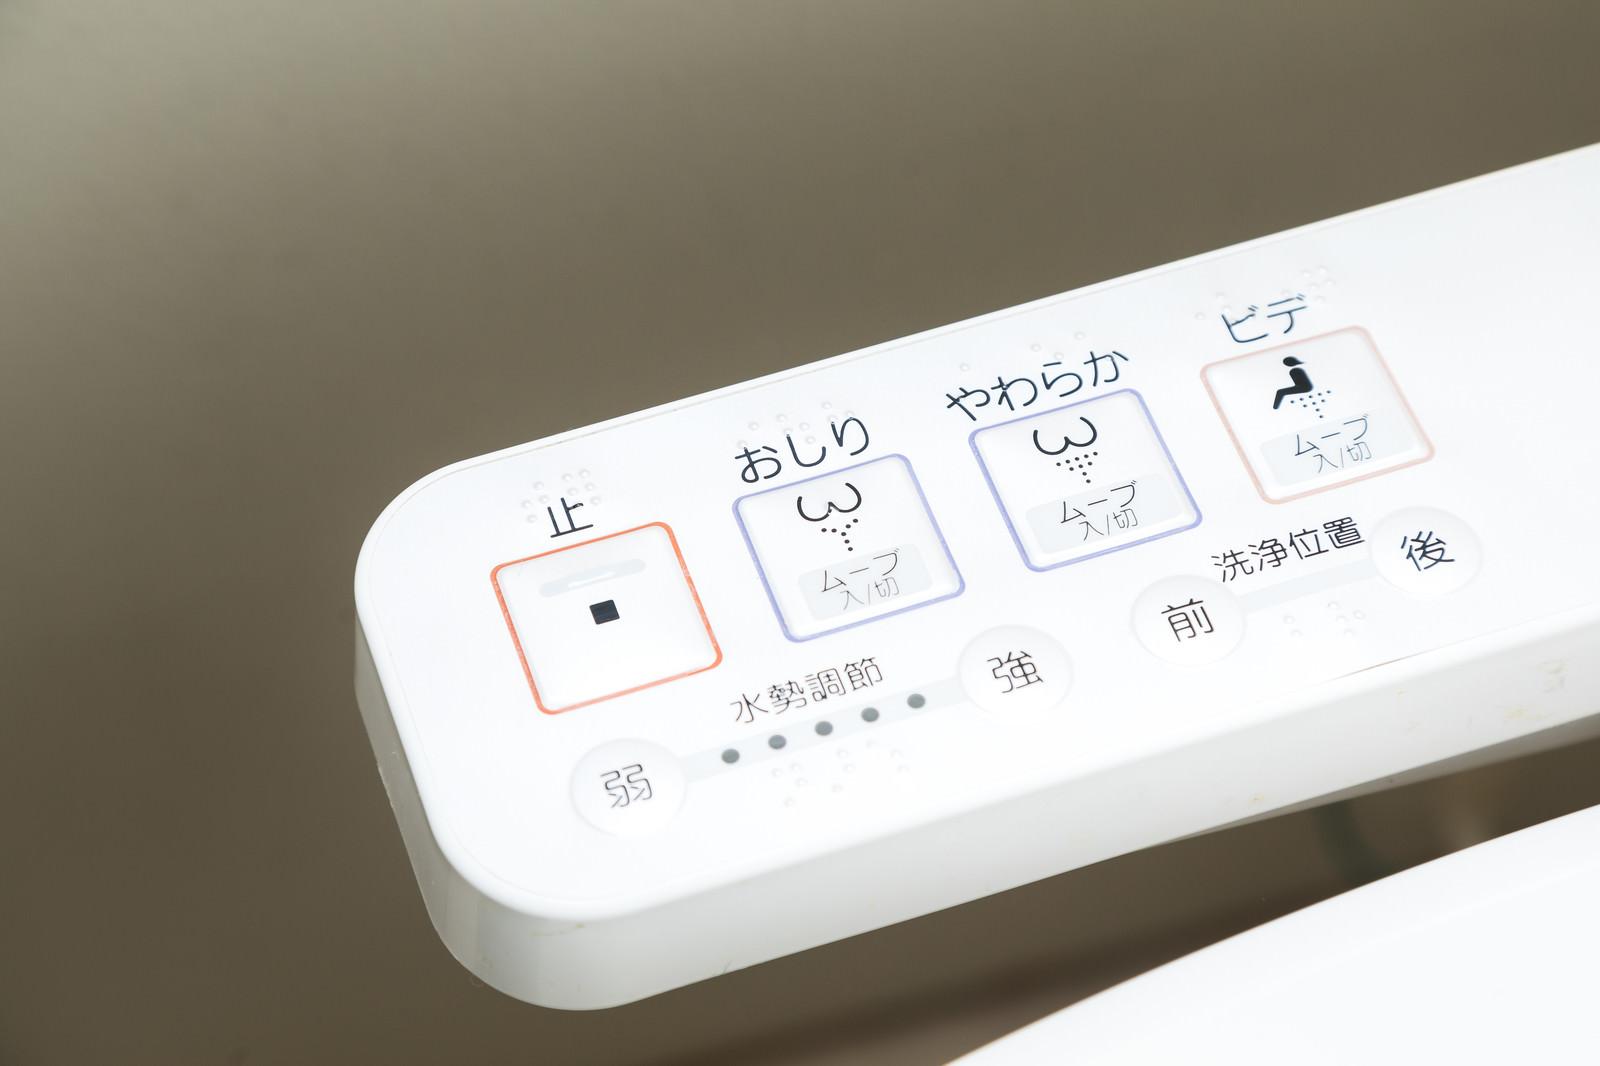 「トイレのウォシュレットボタントイレのウォシュレットボタン」のフリー写真素材を拡大